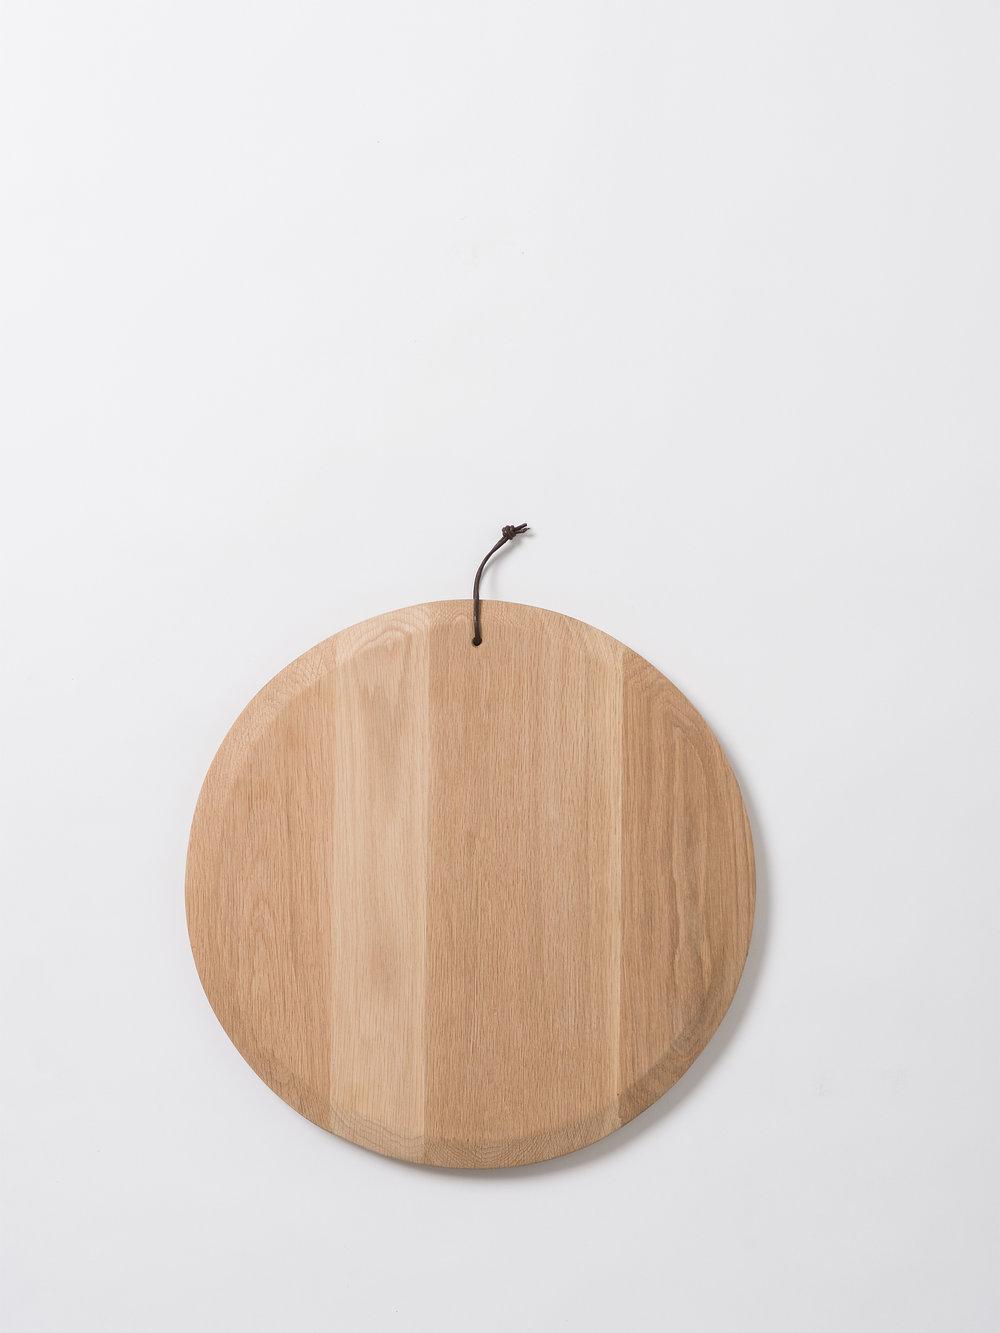 Round Board W/Feet $169.00